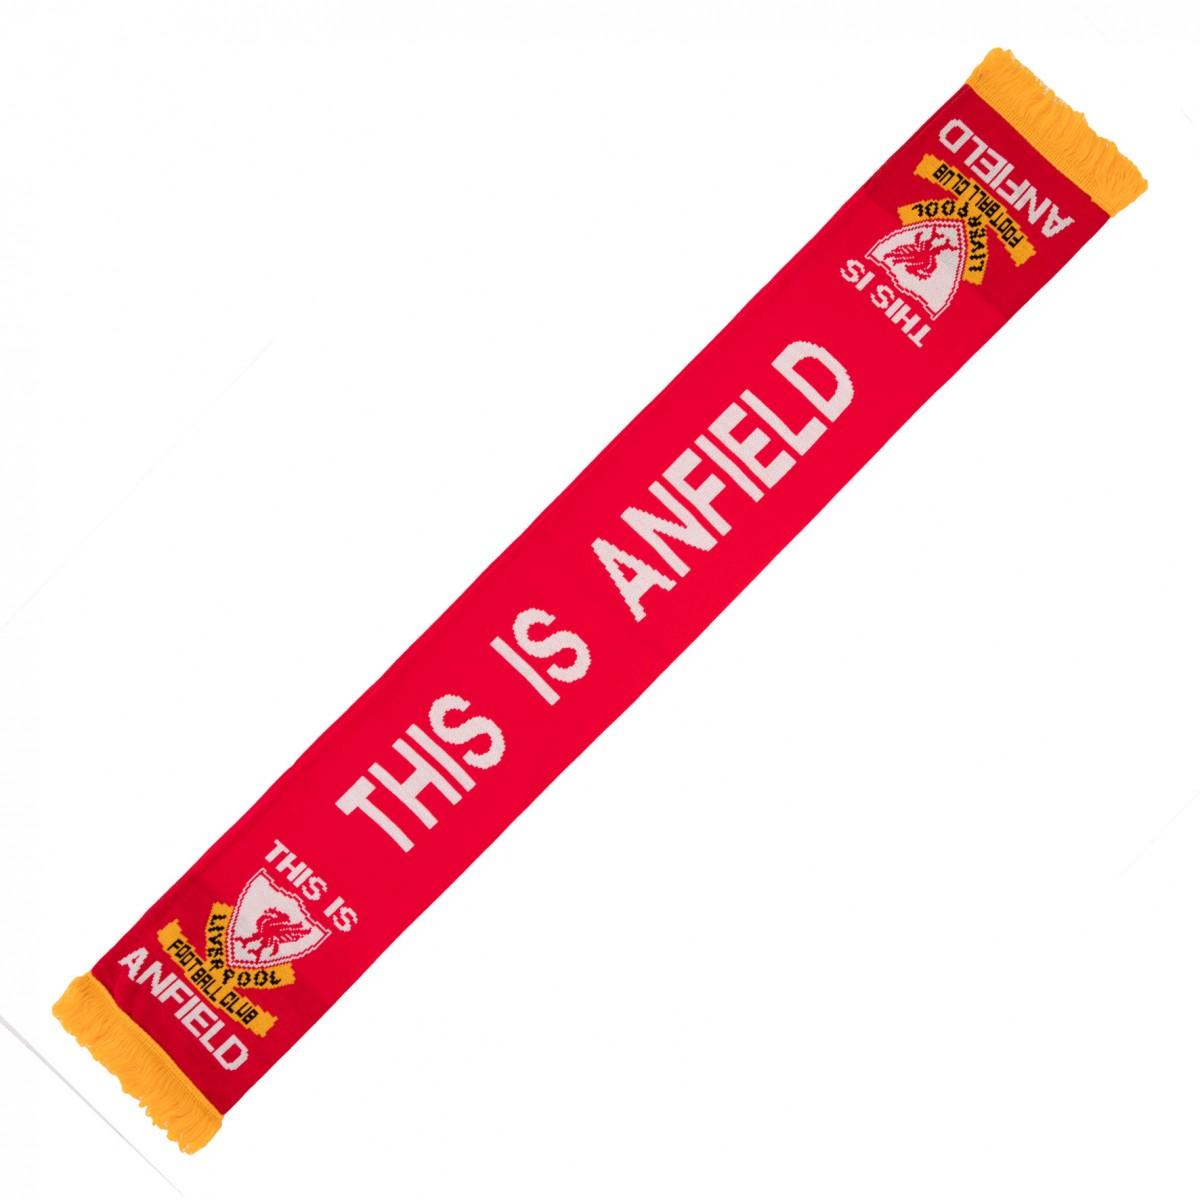 ผ้าพันคอลิเวอร์พูล This Is Anfield Scarf ของแท้